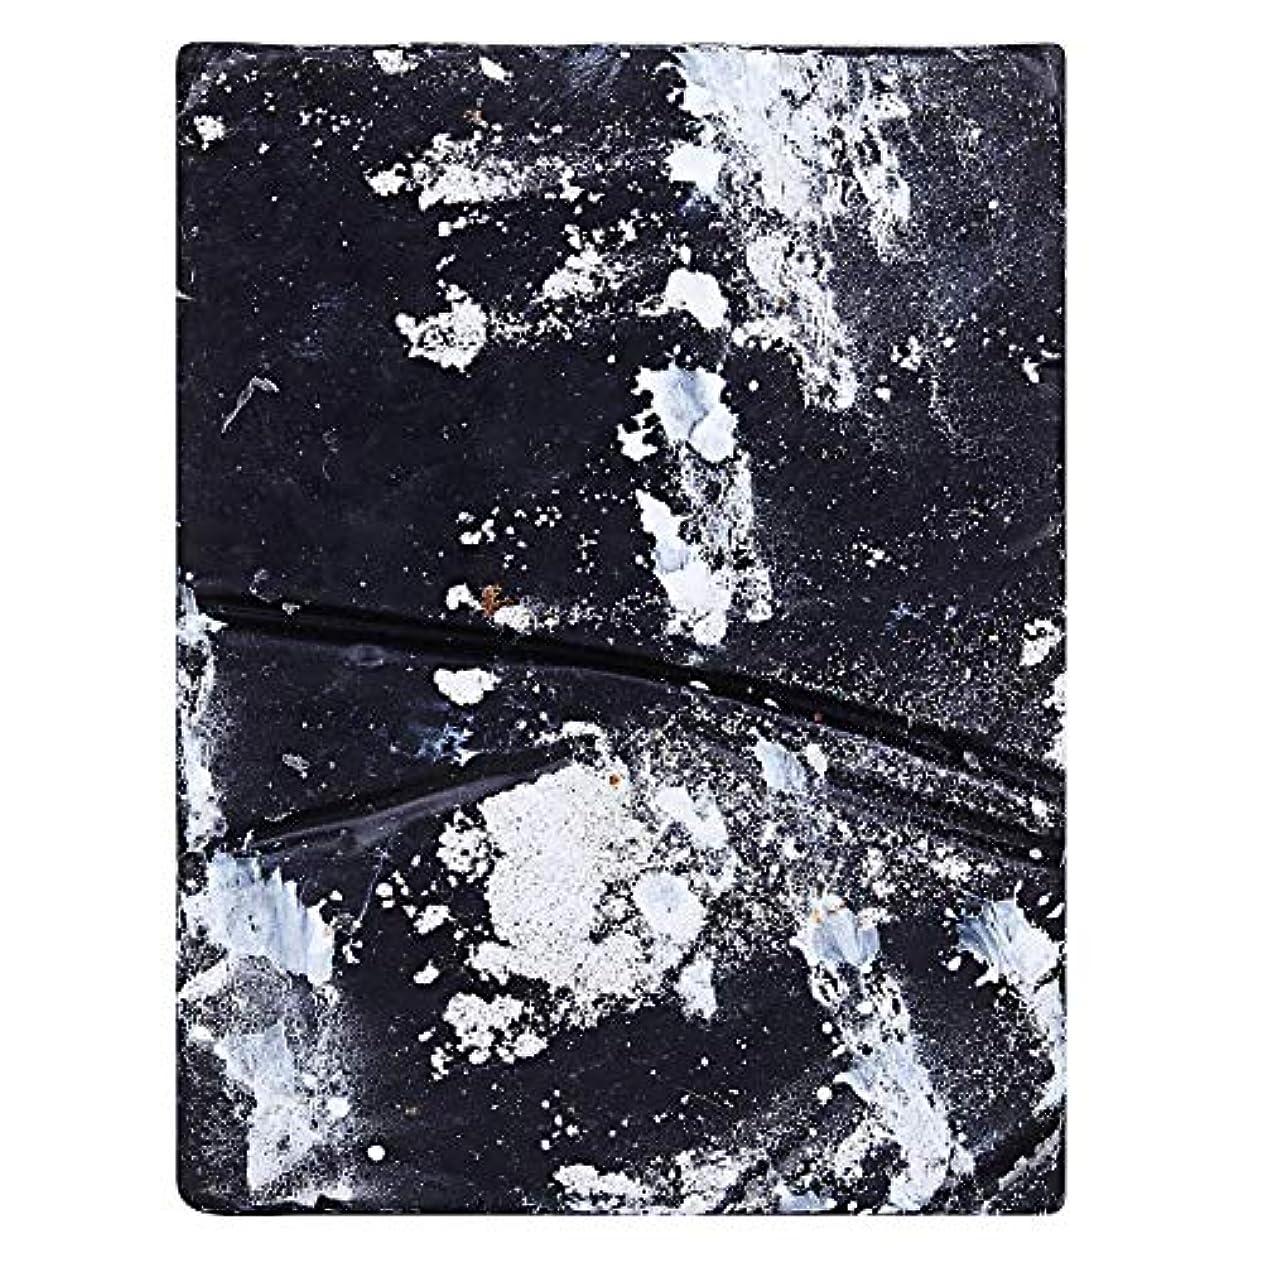 道徳素朴な構造的SVATV Handmade Luxury Butter Soap Charcoal Musk & Rosemary For All Skin types 100g Bar